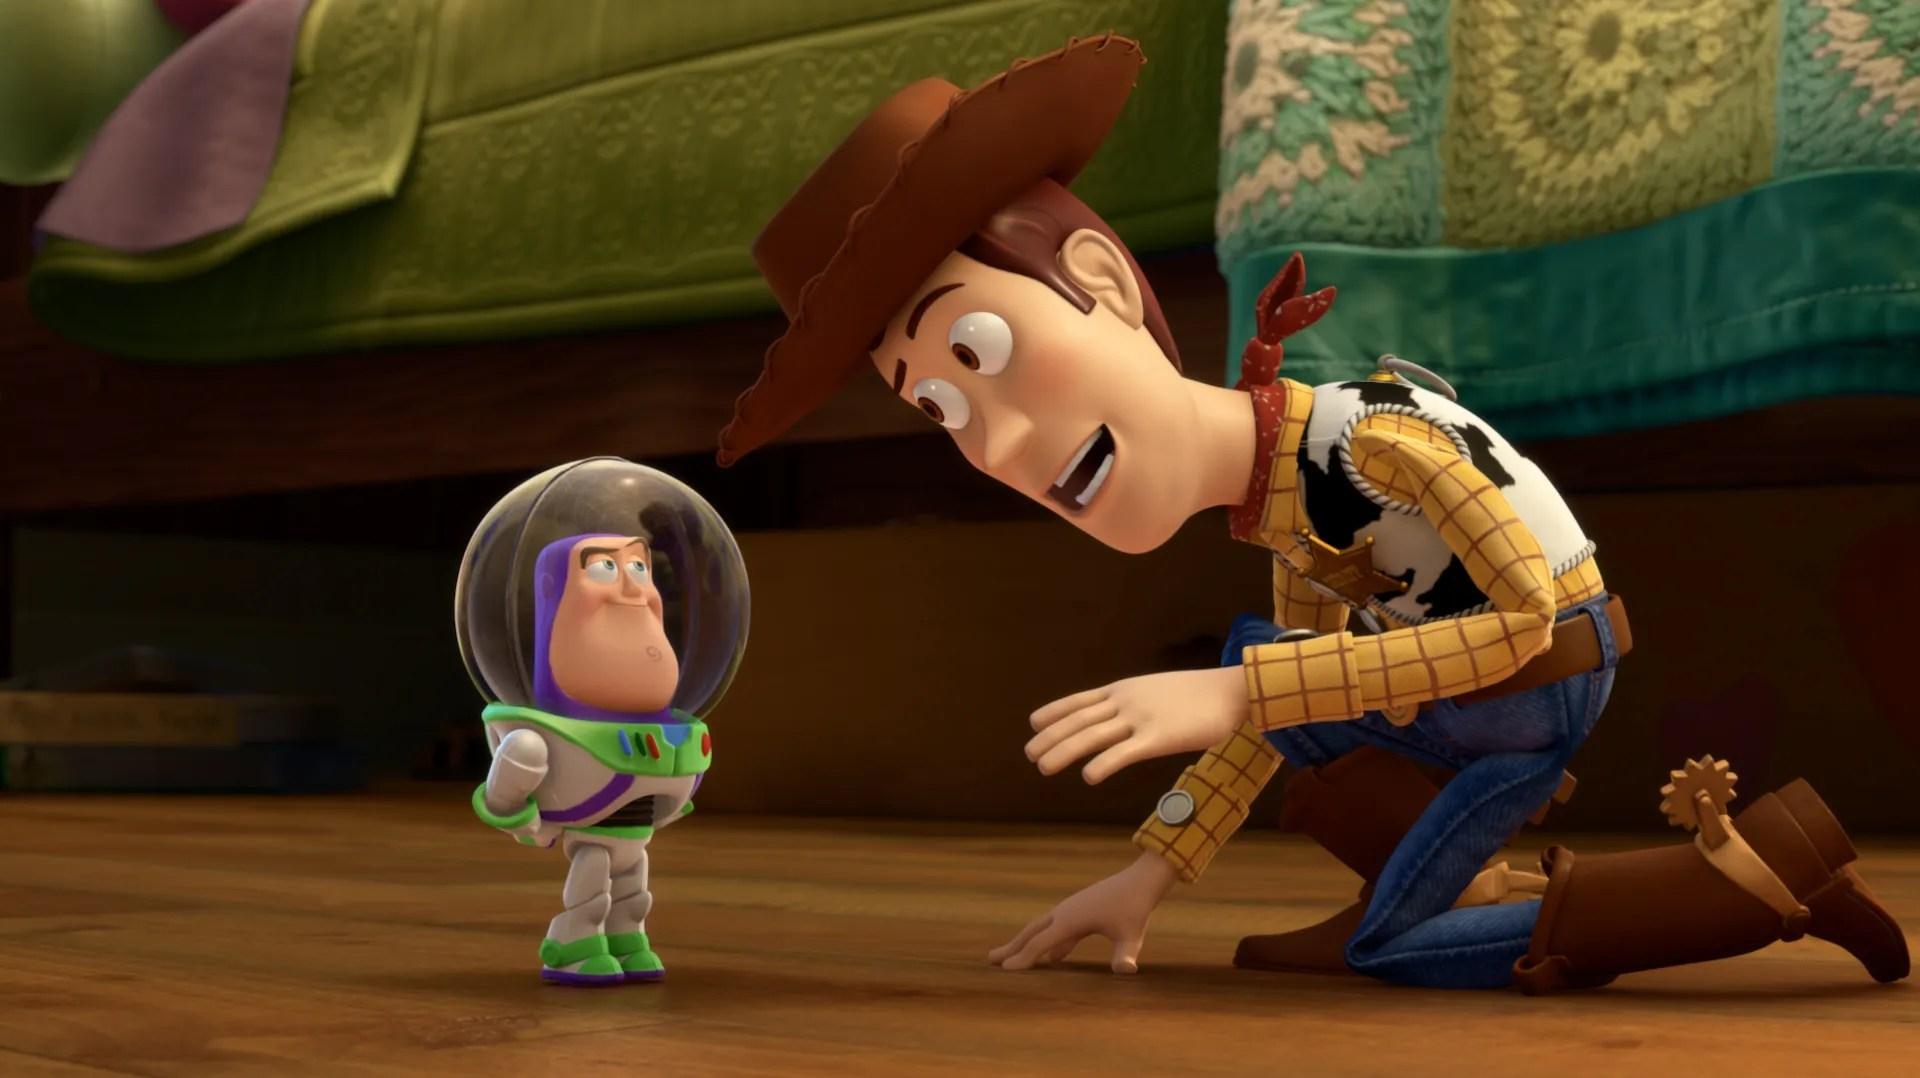 Toy Pixar 3 Story Robot